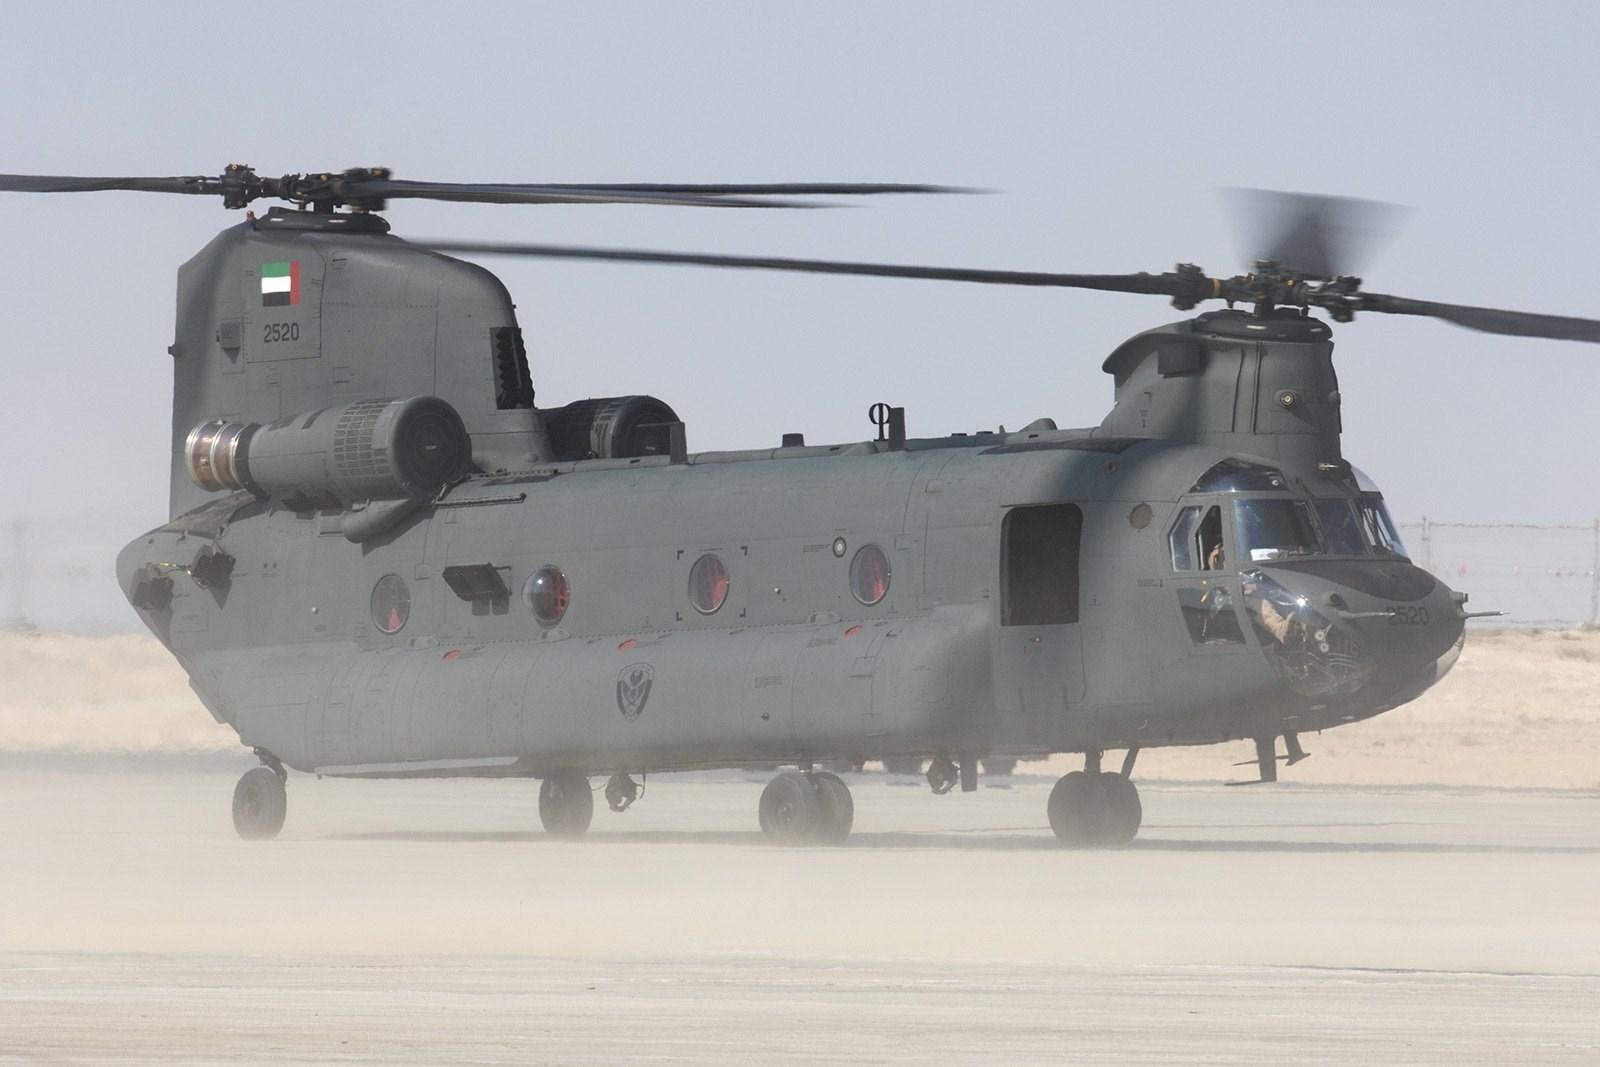 Объединенные Арабские Эмираты получат еще десять вертолетов CH-47F Chinook